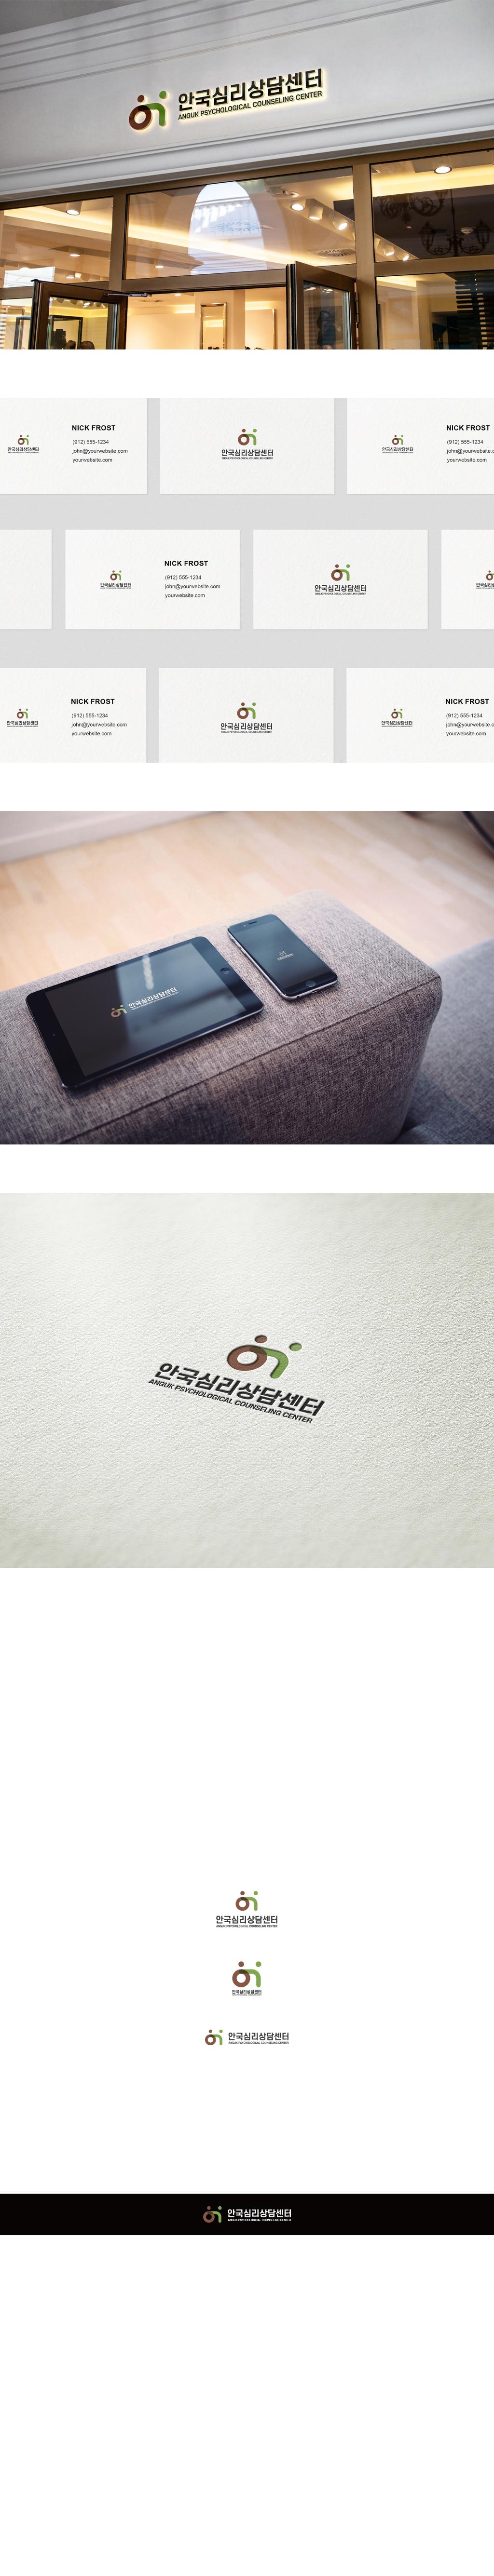 로고+명함 디자인 | 안국심리상담센터 로고 디자인 의뢰 | 라우드소싱 포트폴리오